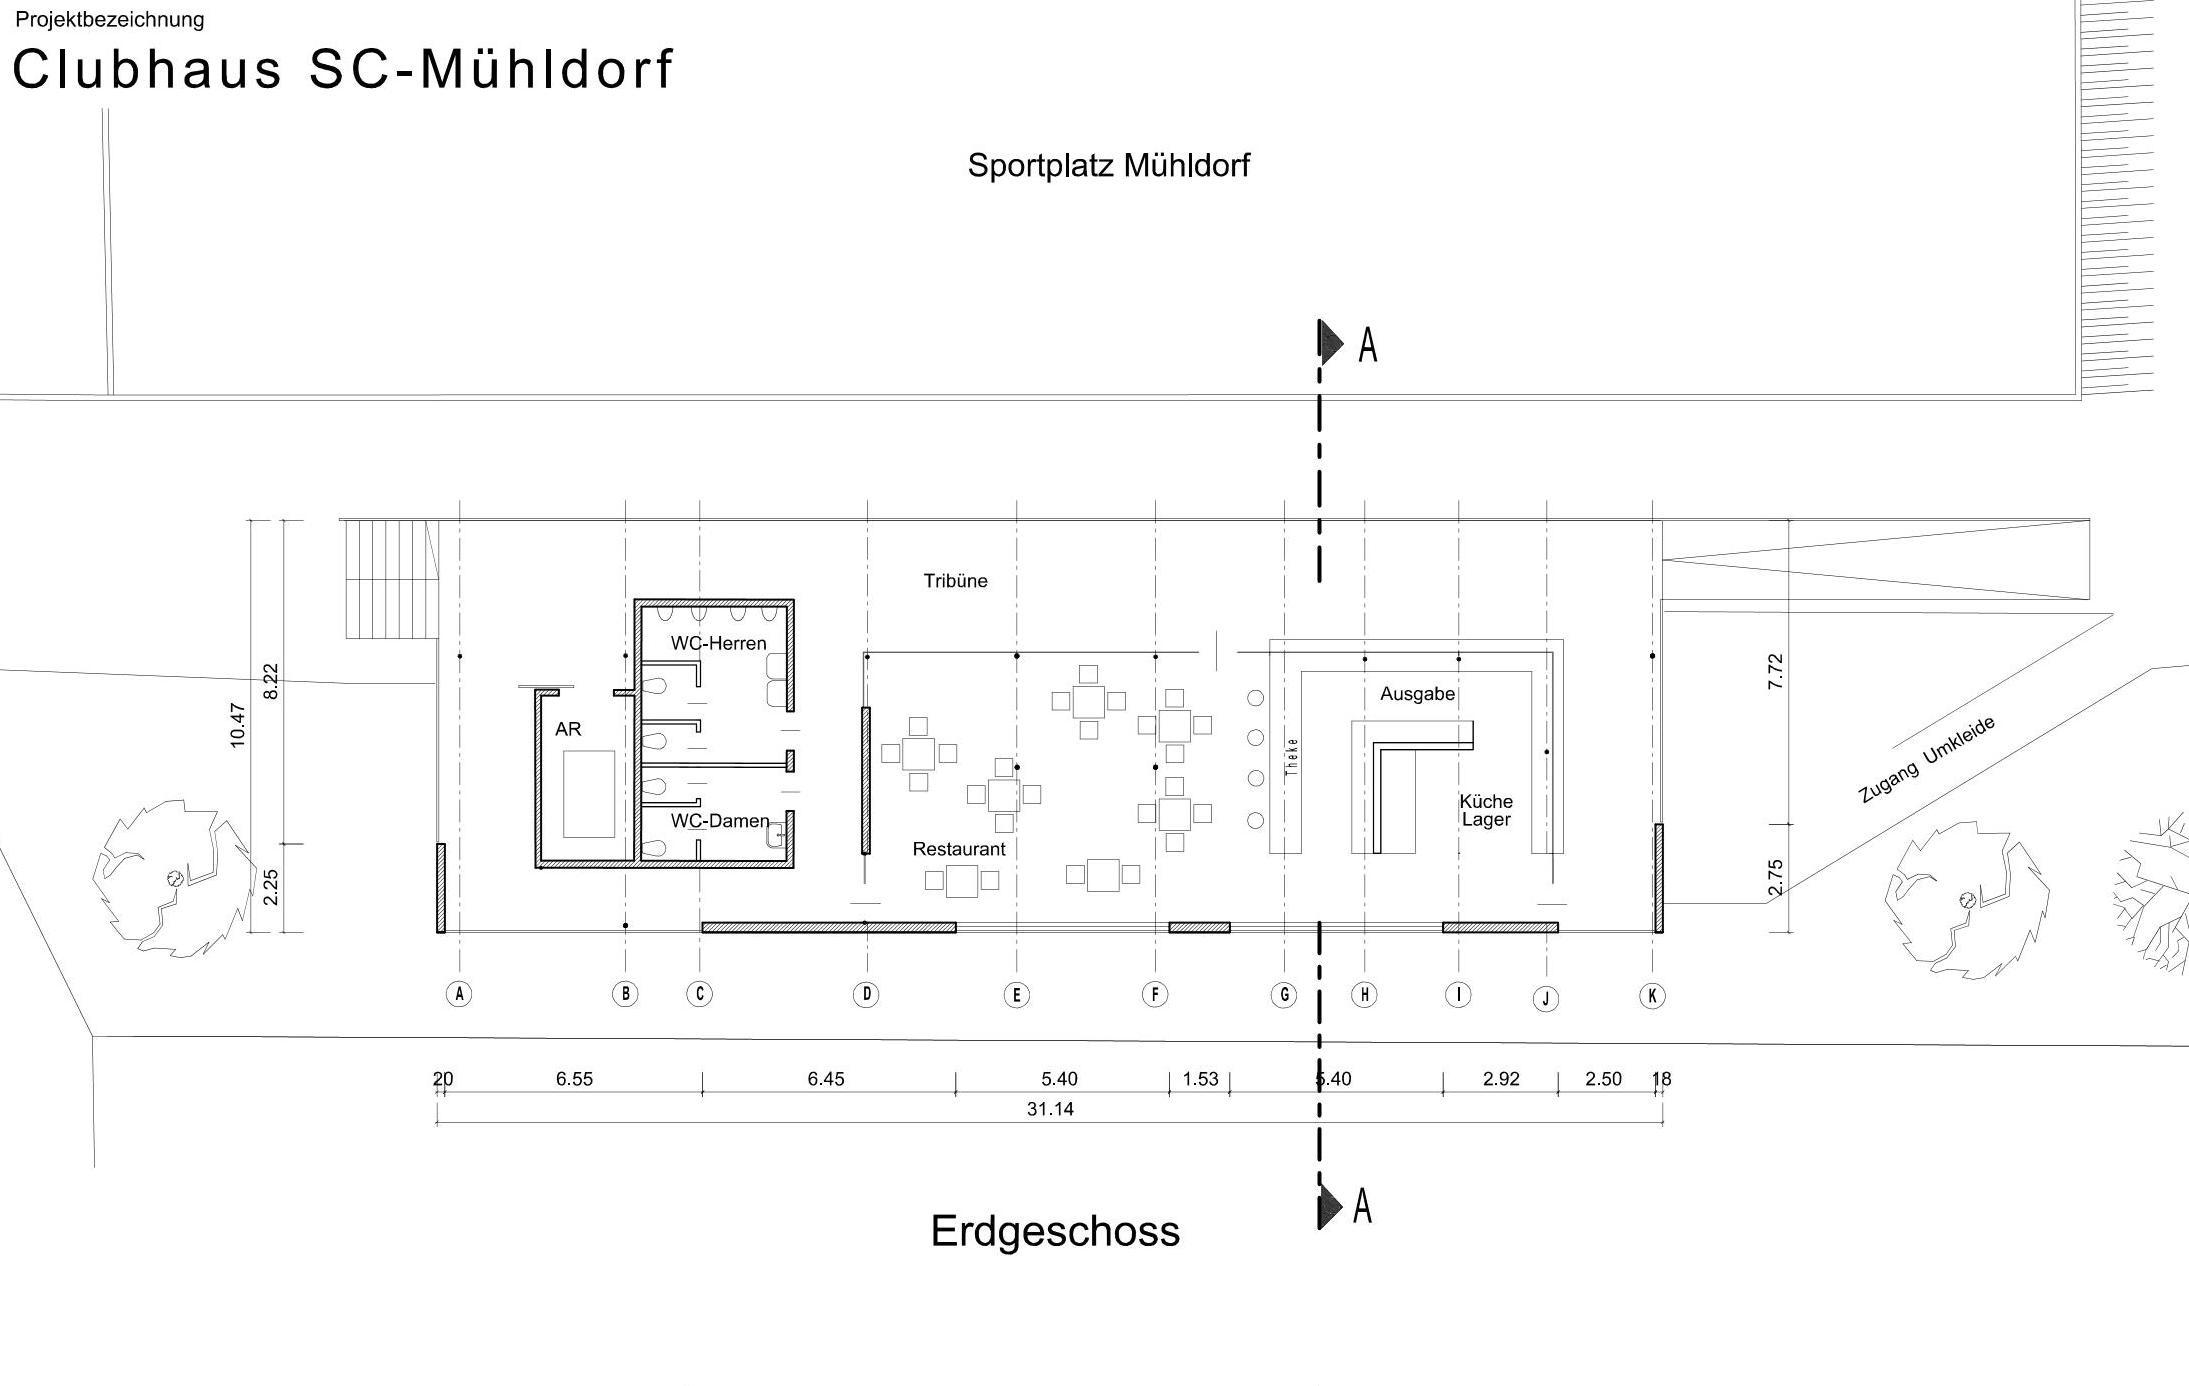 https://0501.nccdn.net/4_2/000/000/00d/f43/Landesbaupreis-2008_SC-Clubhaus-M--hldorf_Erdgeschoss_Page_1-2189x1386.jpg